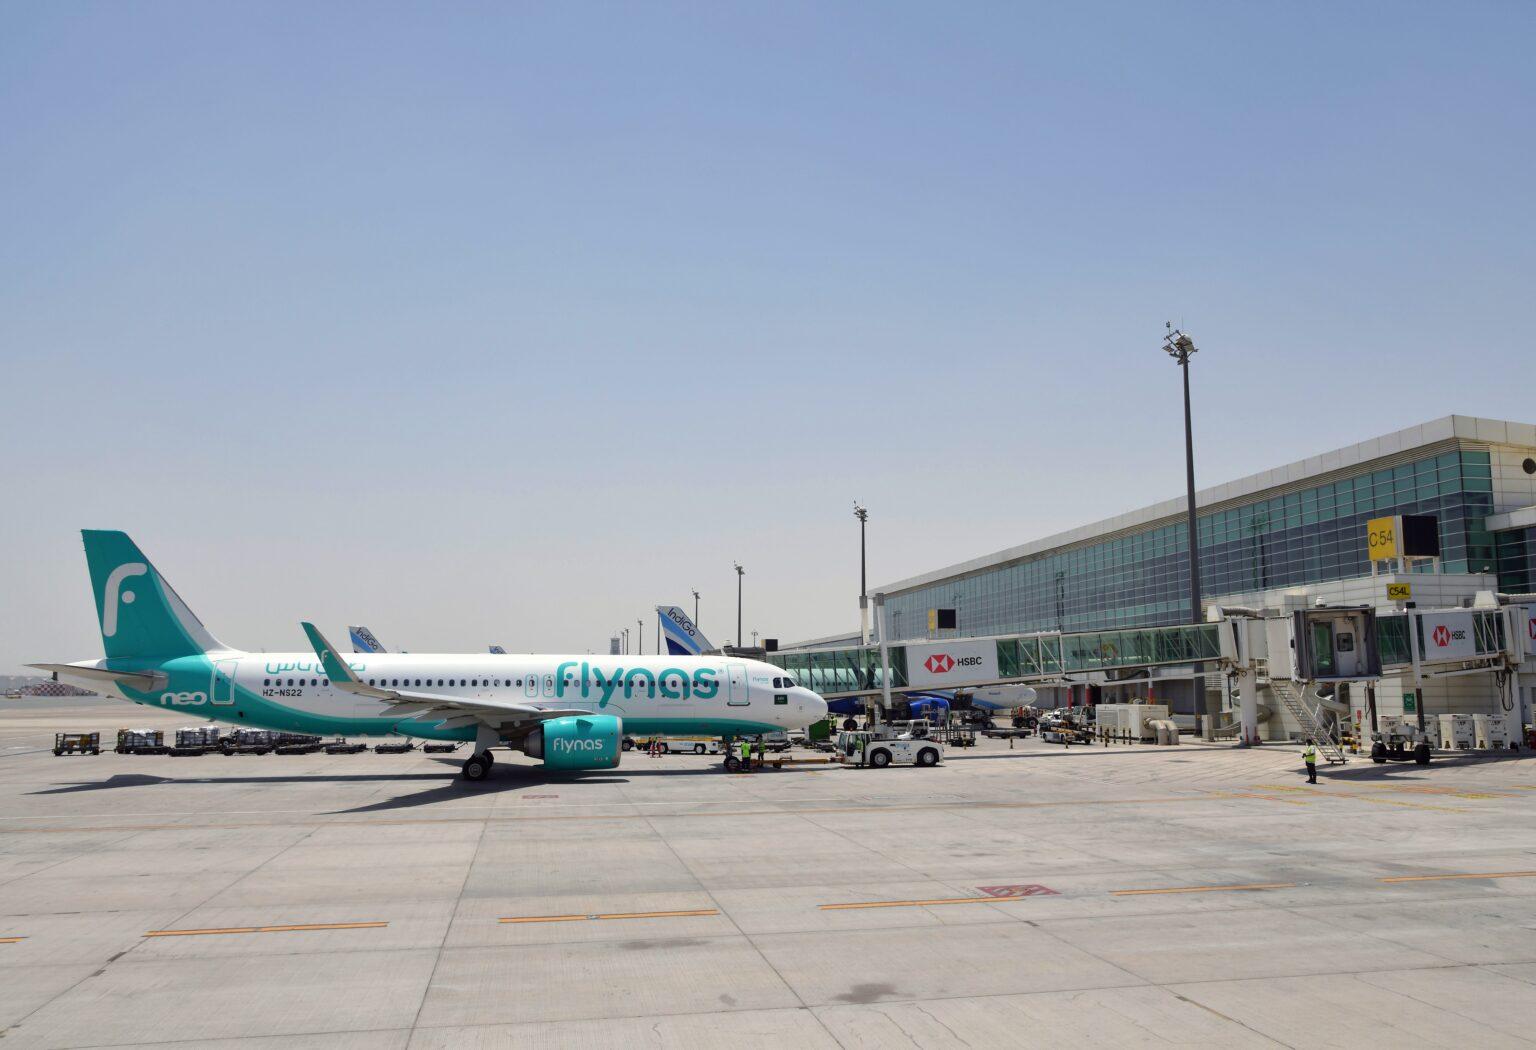 Terminál 1 dubajského mezinárodního letiště vítá první cestující za 15 měsíců